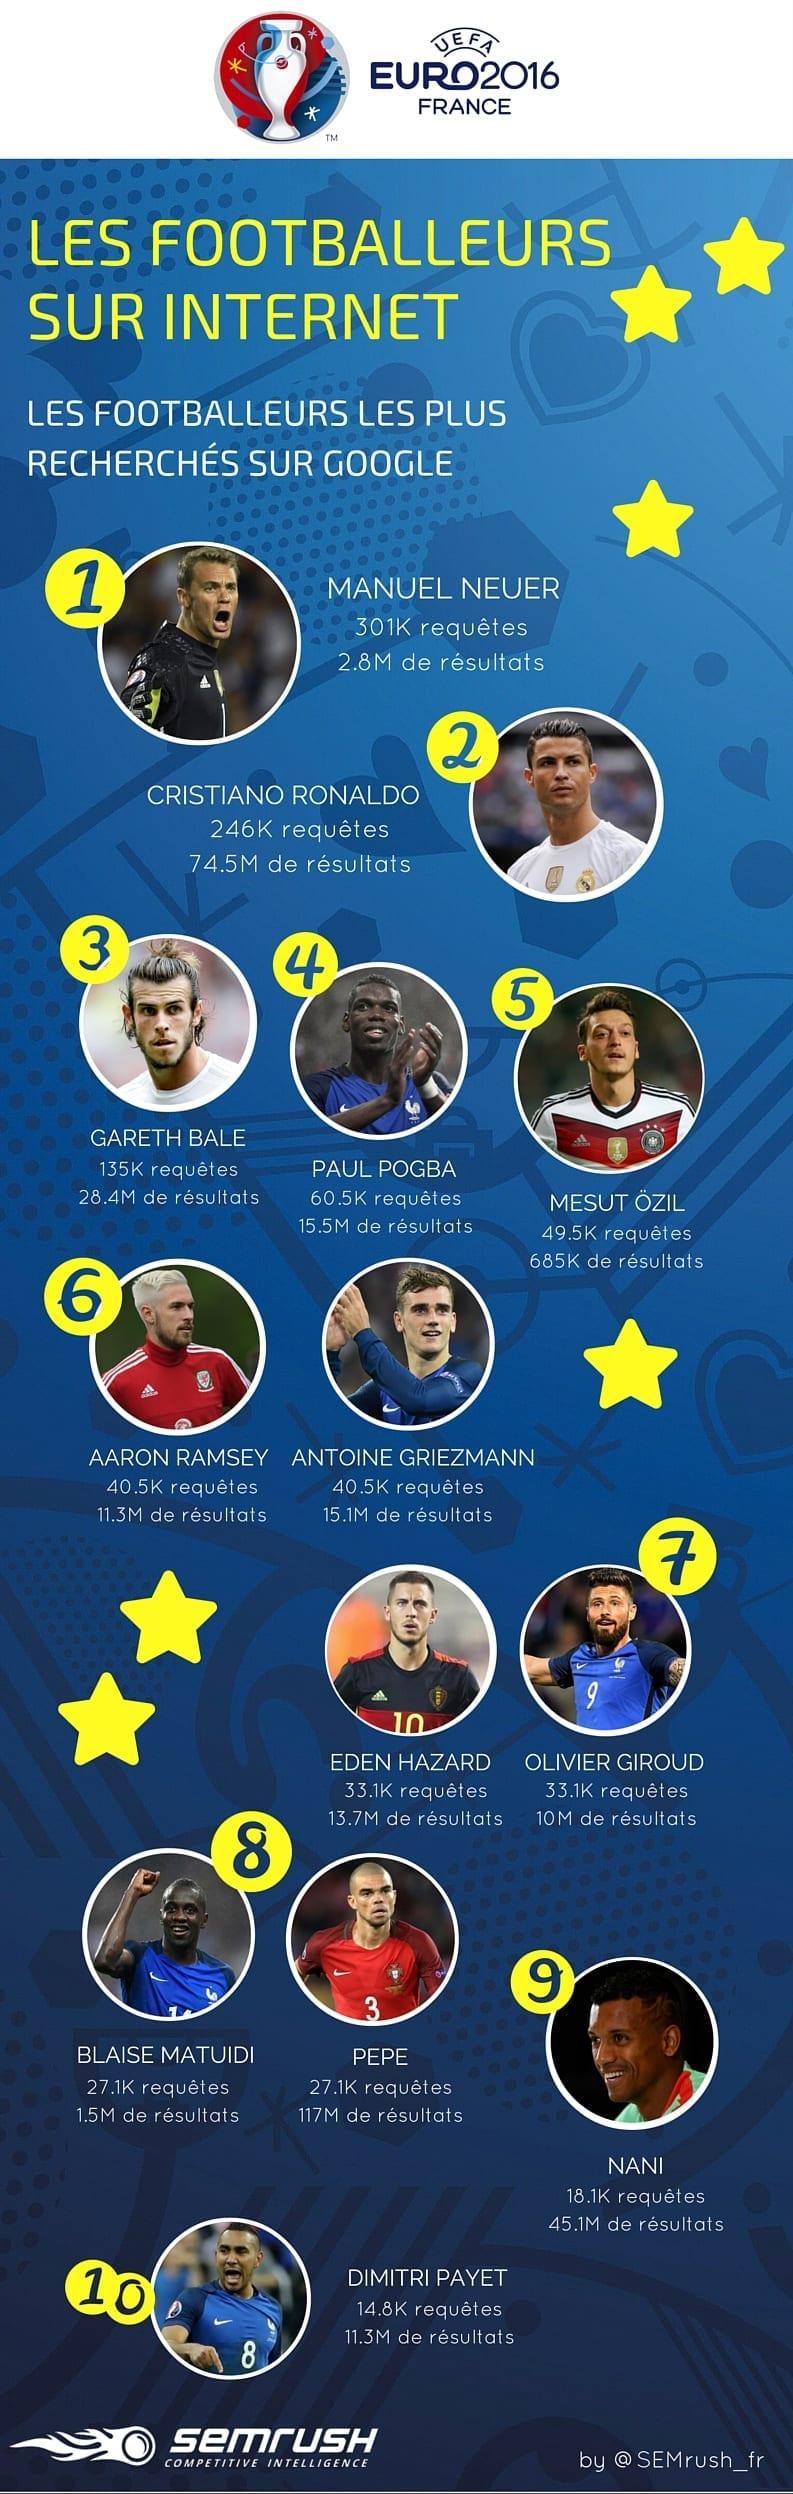 Footballeurs les plus recherchés sur Internet